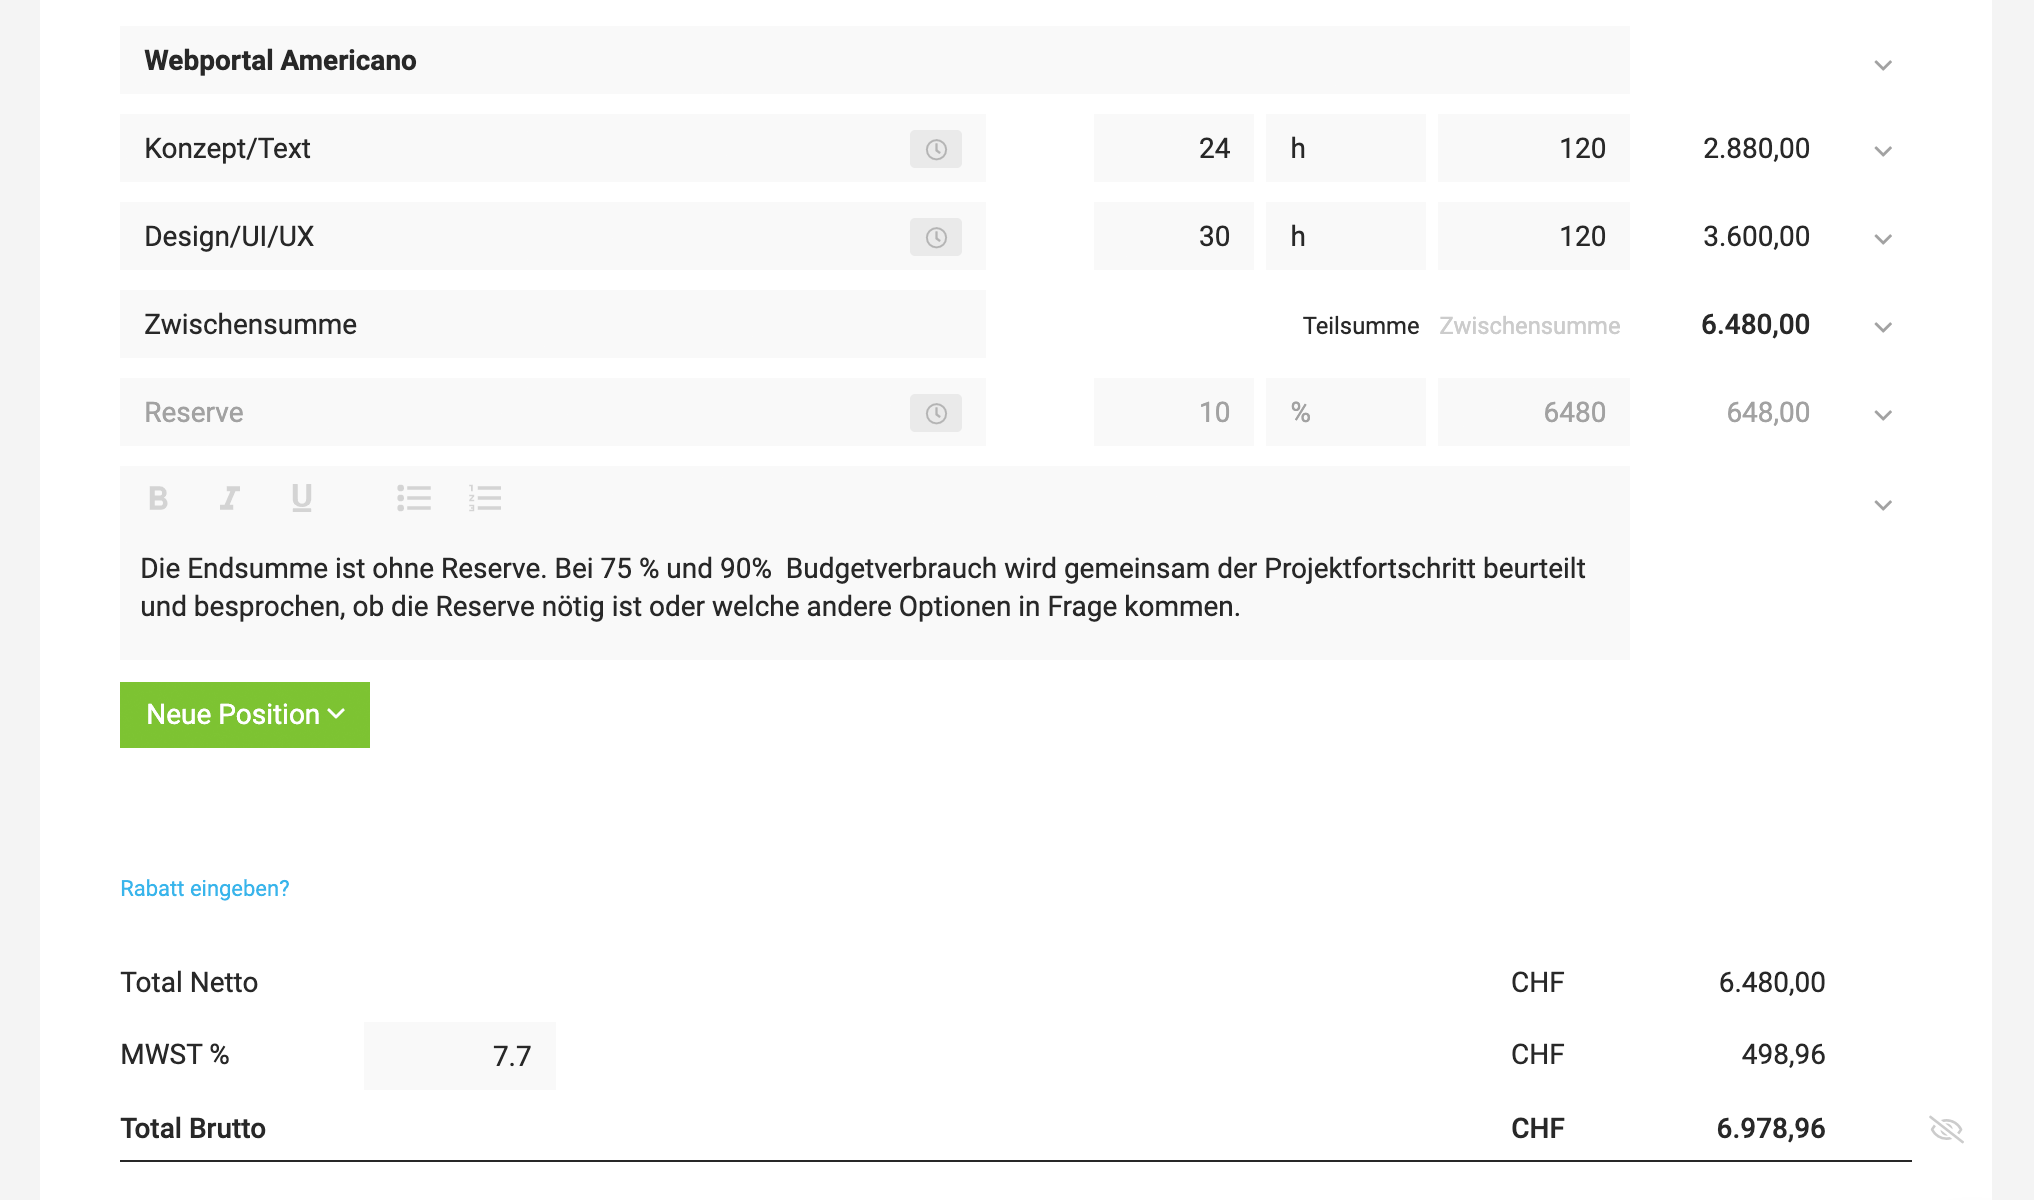 Angebot mit Preisspanne, Reserve bzw. Puffer